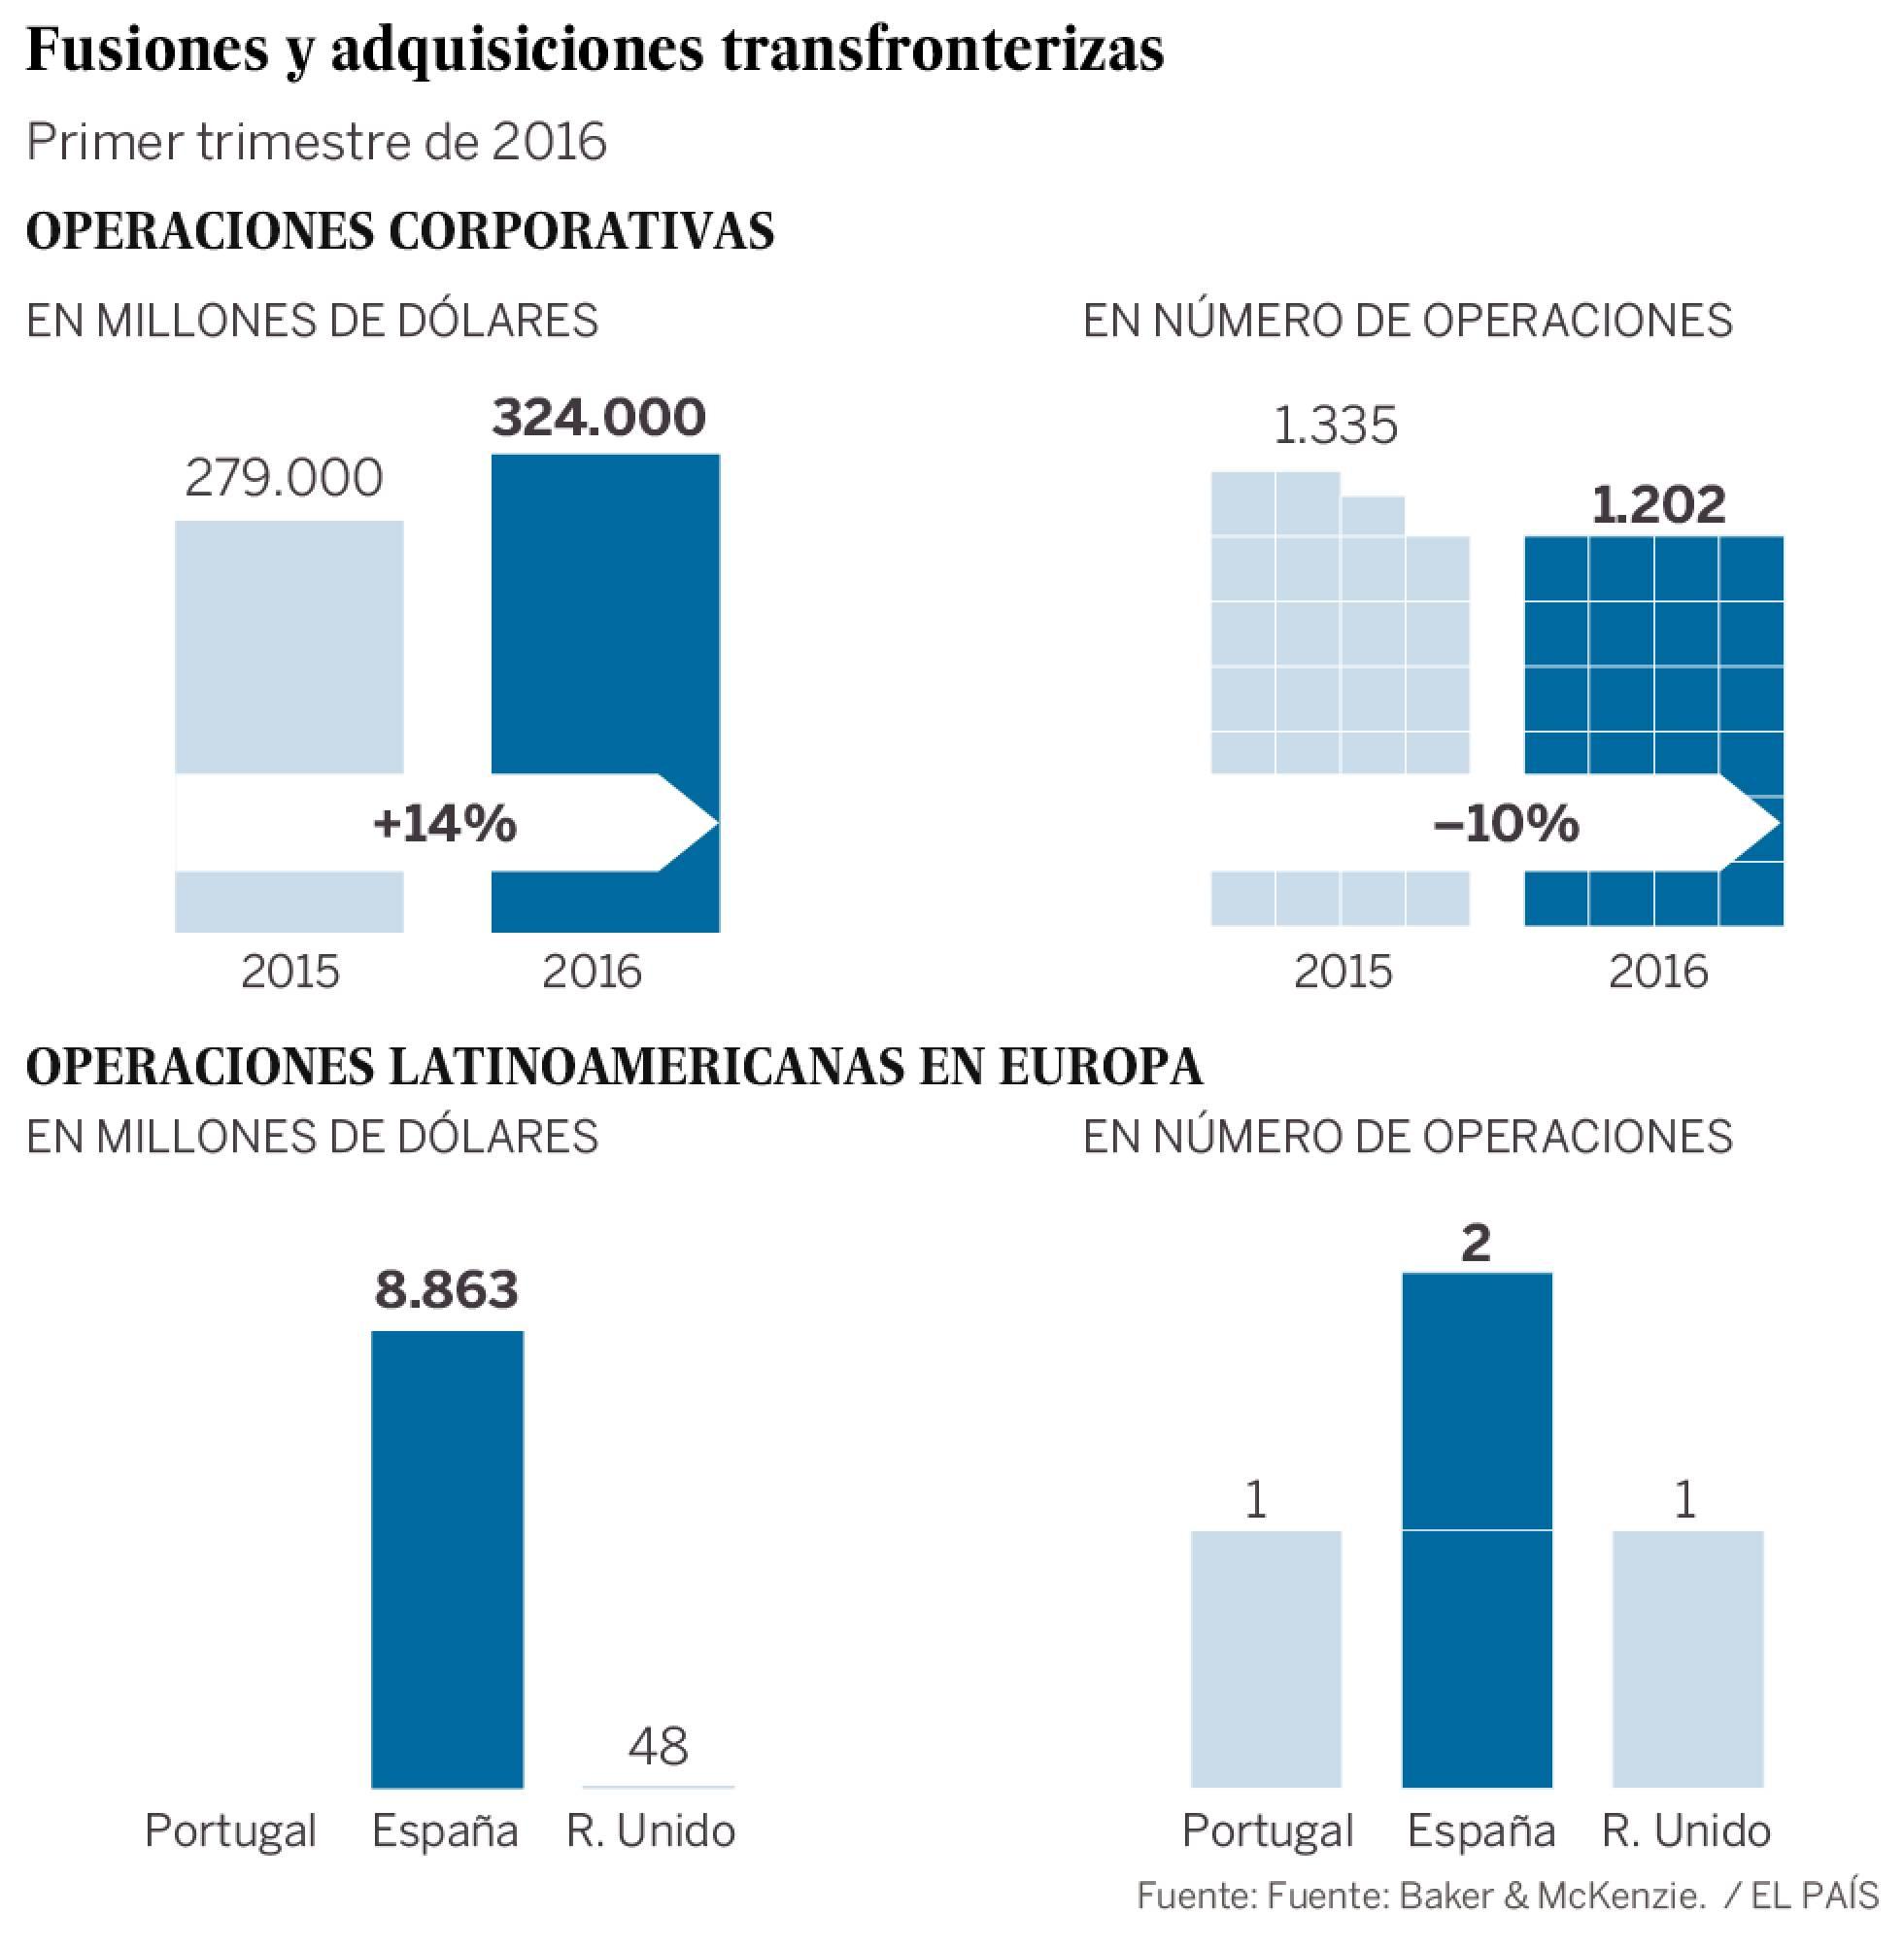 Inversiones de capitalistas foráneos en España, y dónde invierten los de España en el exterior - Página 2 1461006027_278737_1461006733_sumario_normal_recorte1